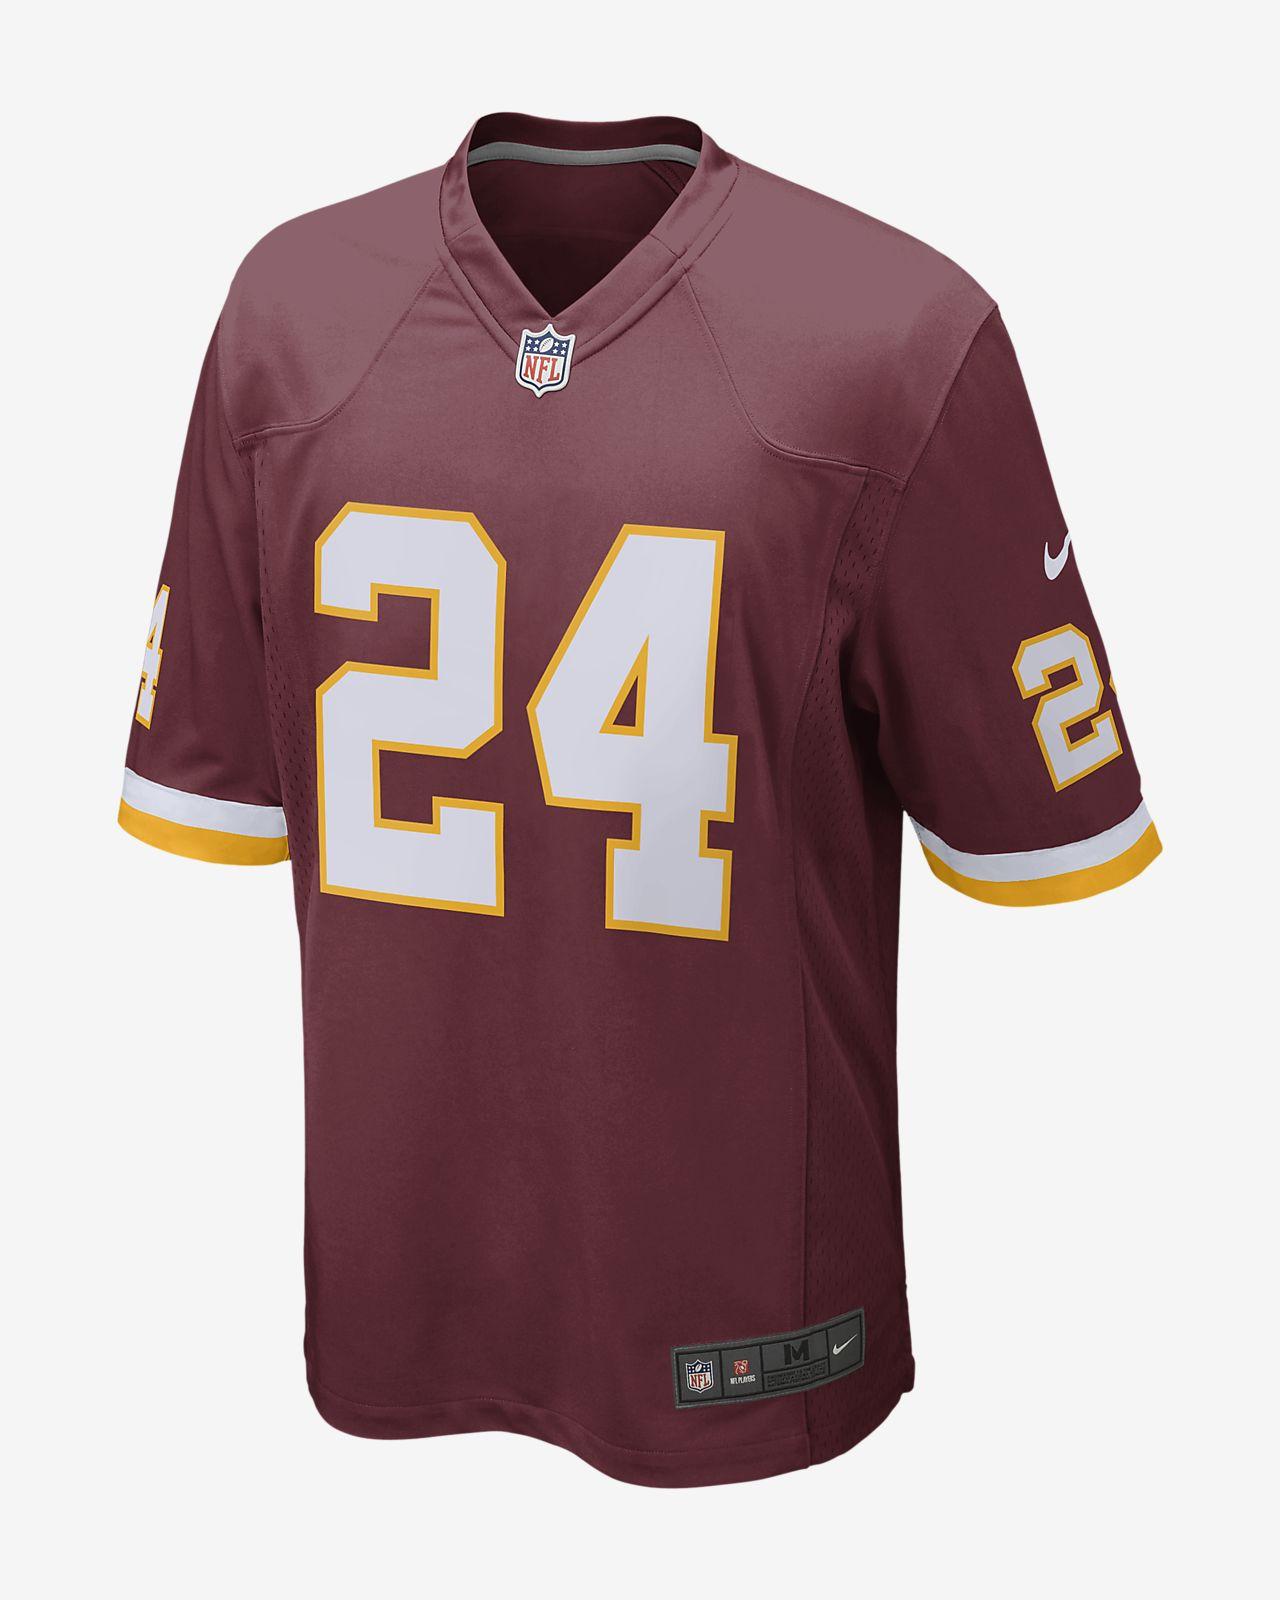 NFL Washington Redskins (Josh Norman) Men's Football Game Jersey